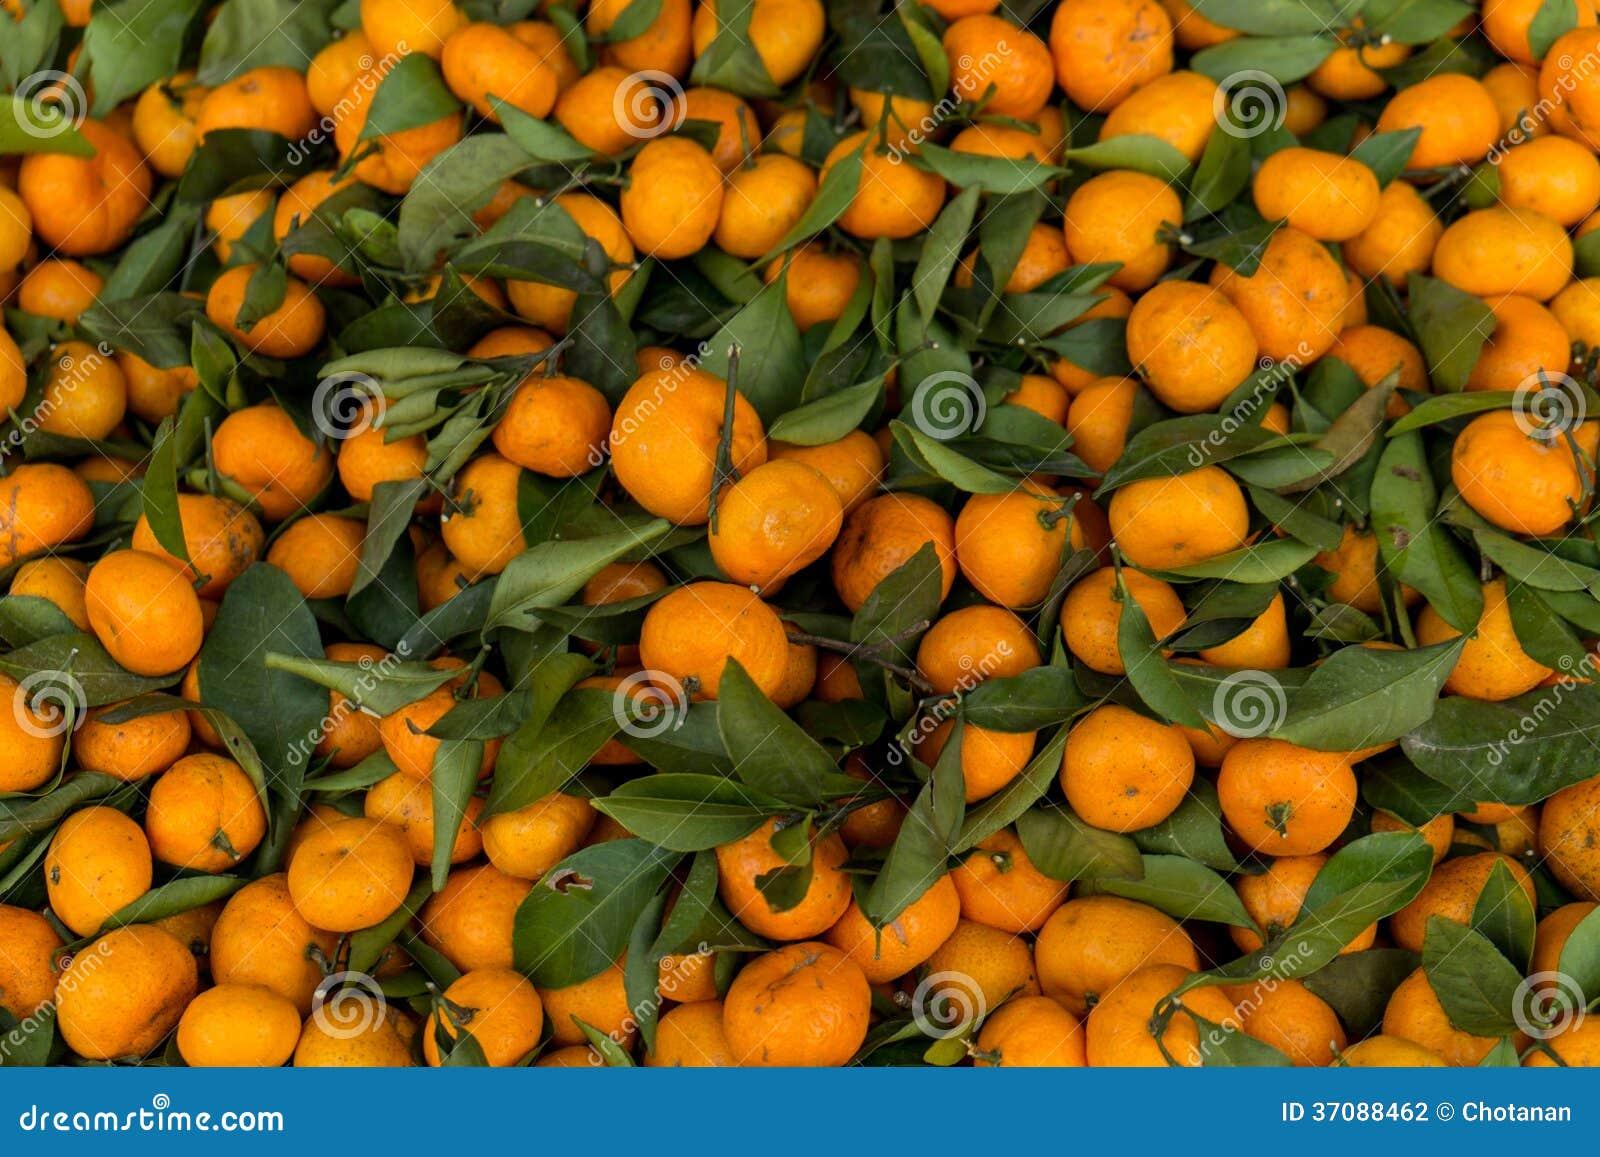 Download Mała pomarańczowa owoc zdjęcie stock. Obraz złożonej z jeden - 37088462